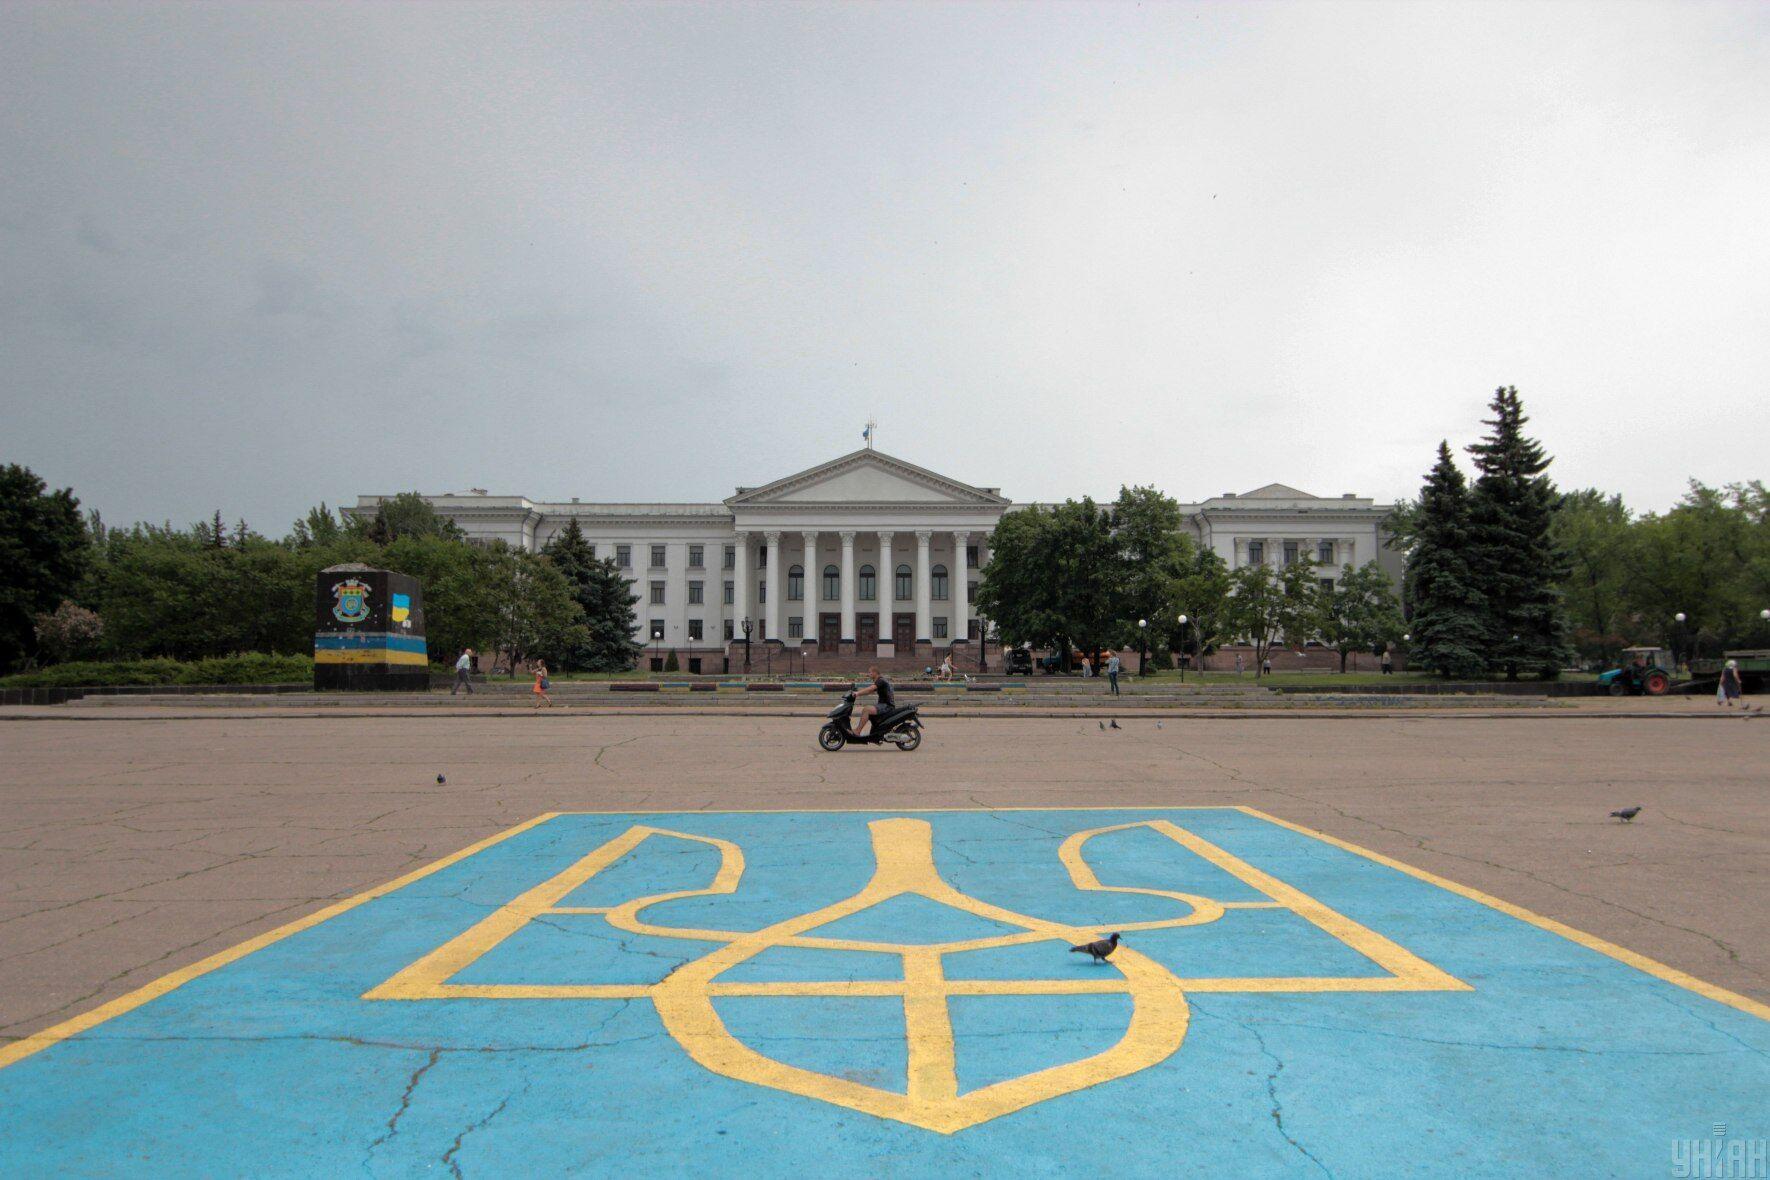 Герб України на площі в Краматорську, 24 травня 2015 року